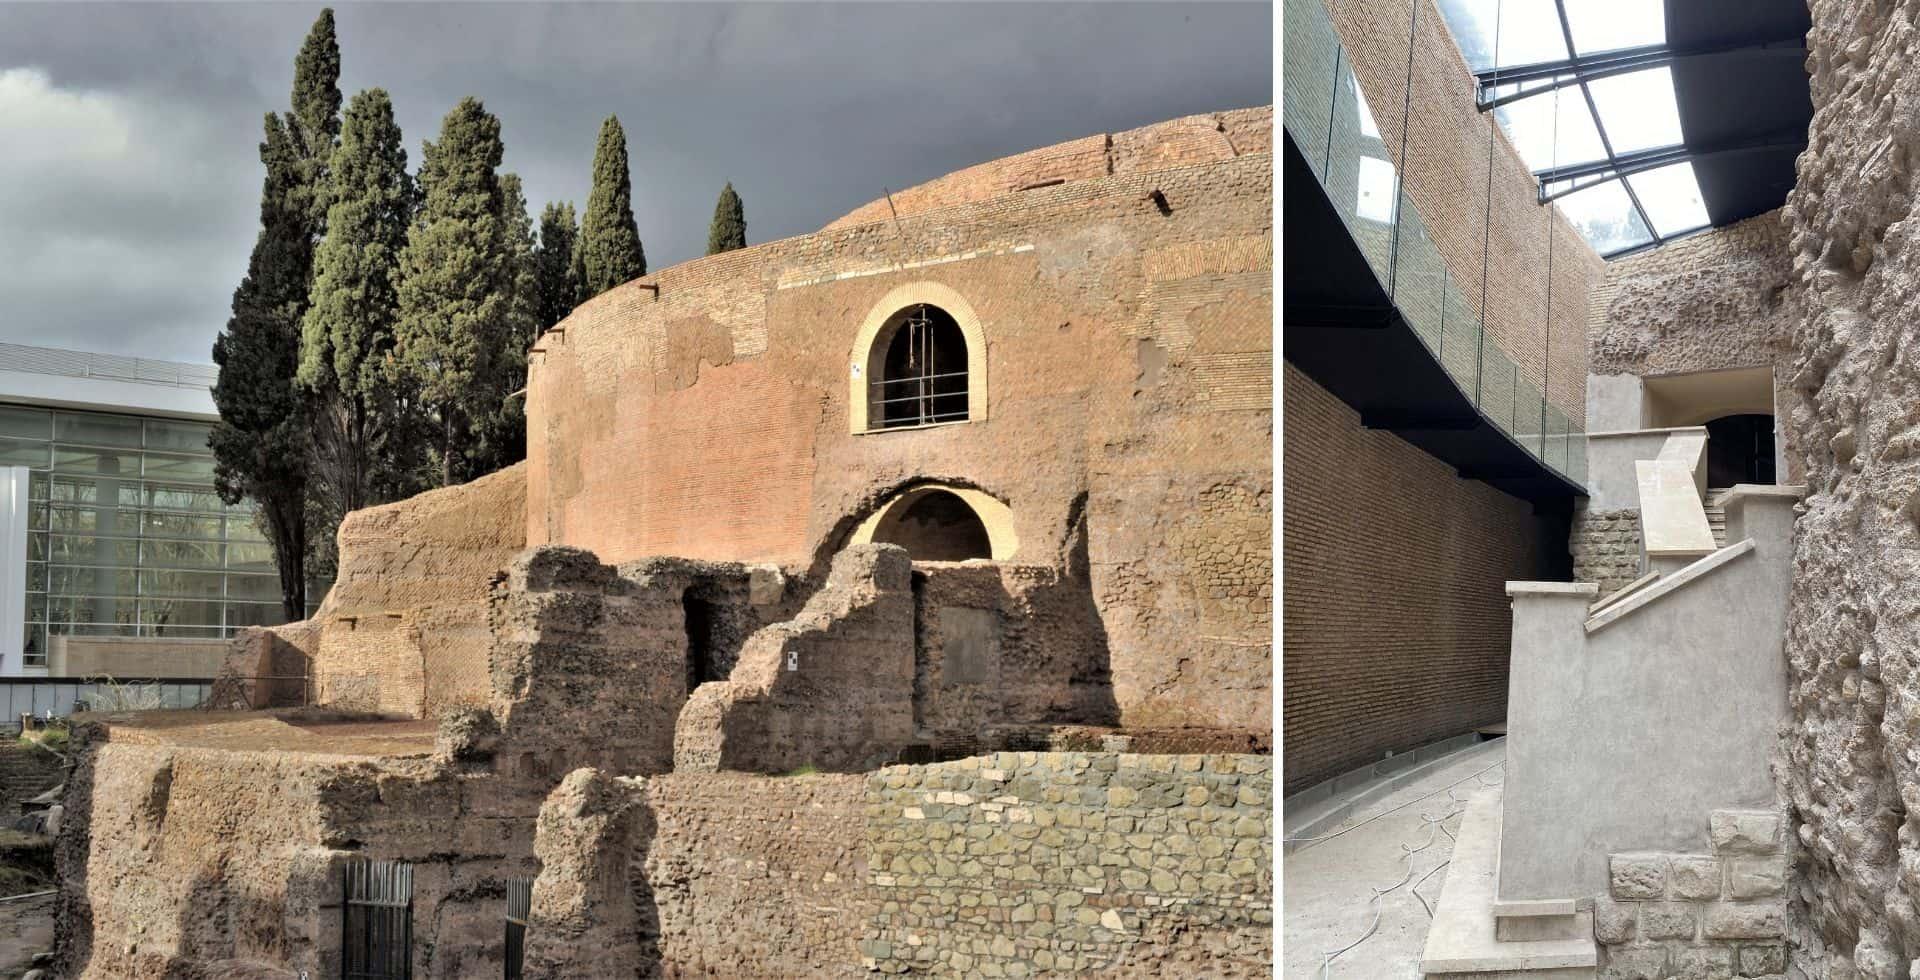 Finalizó la restauración del mausoleo del primer emperador romano y abrirá sus puertas al público en 2021